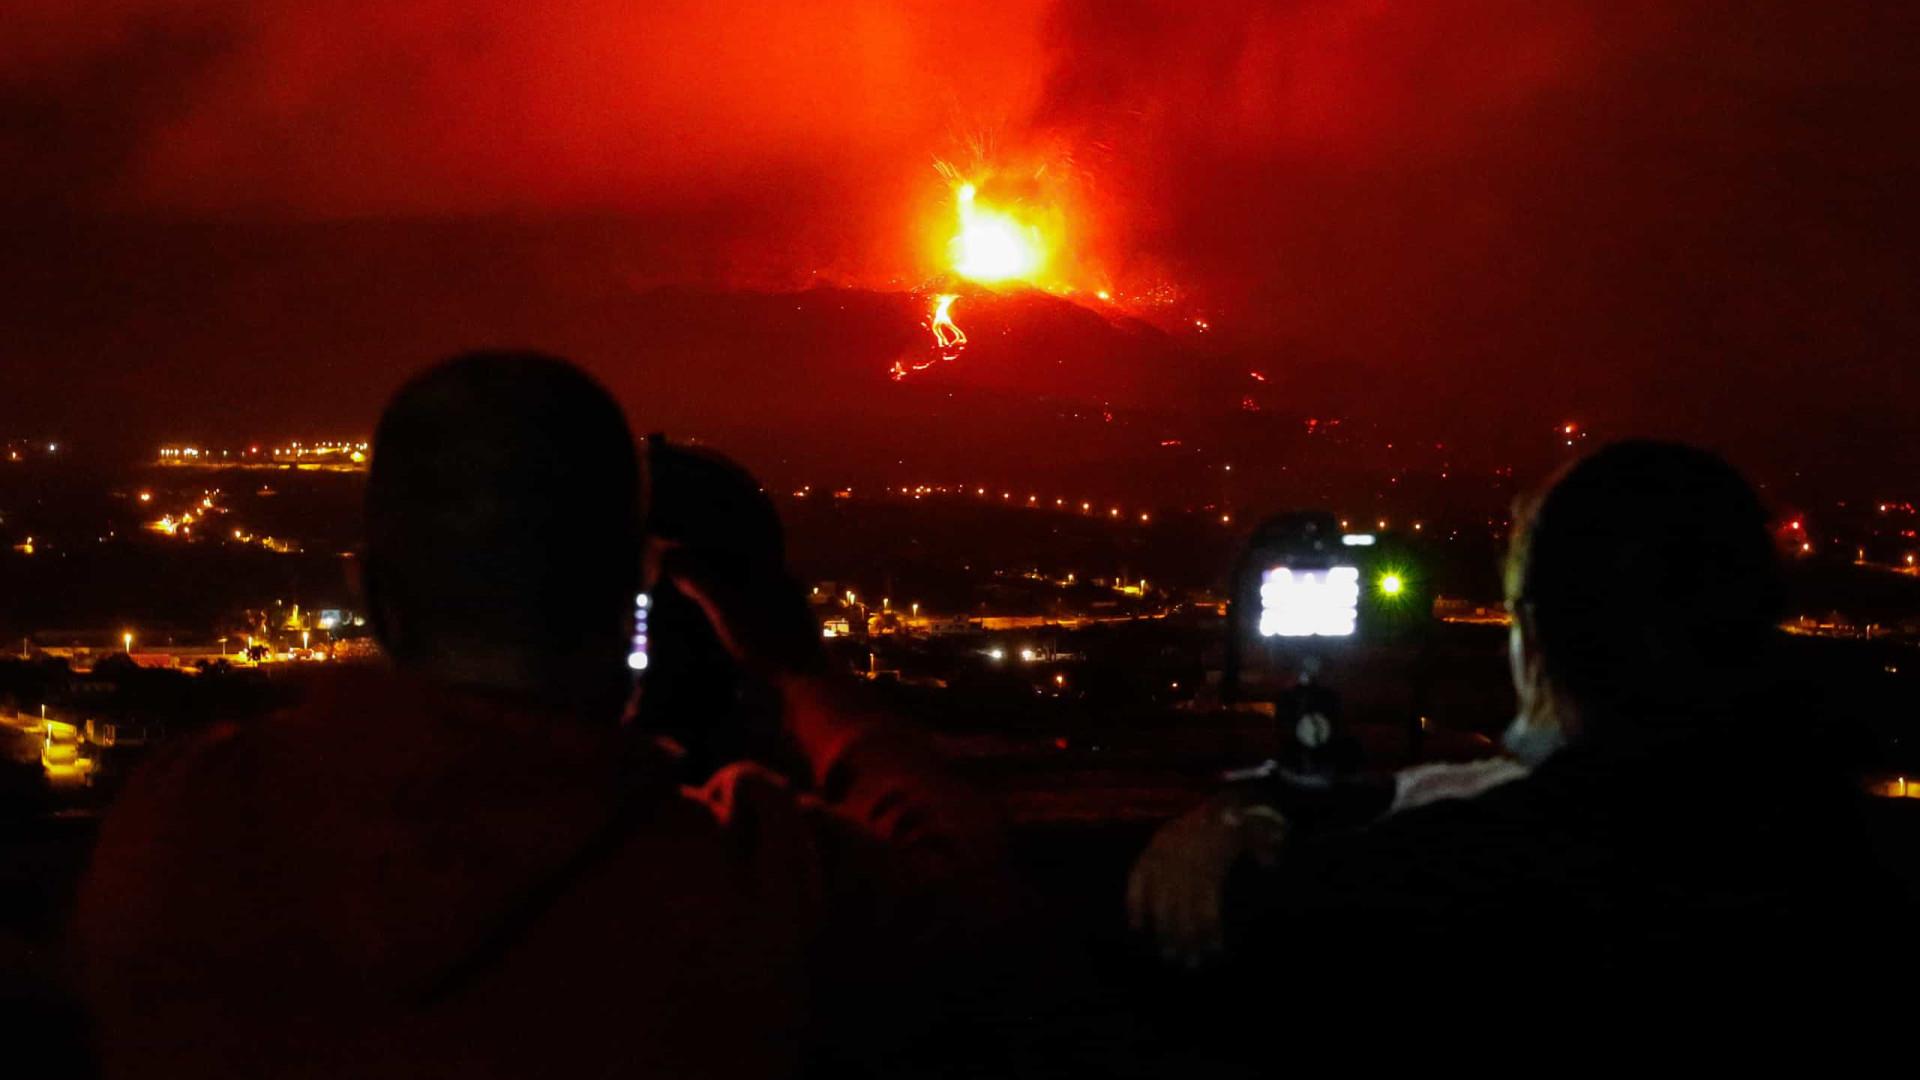 Cancelados voos com La Palma e Gomera devido à nuvem de cinzas do vulcão